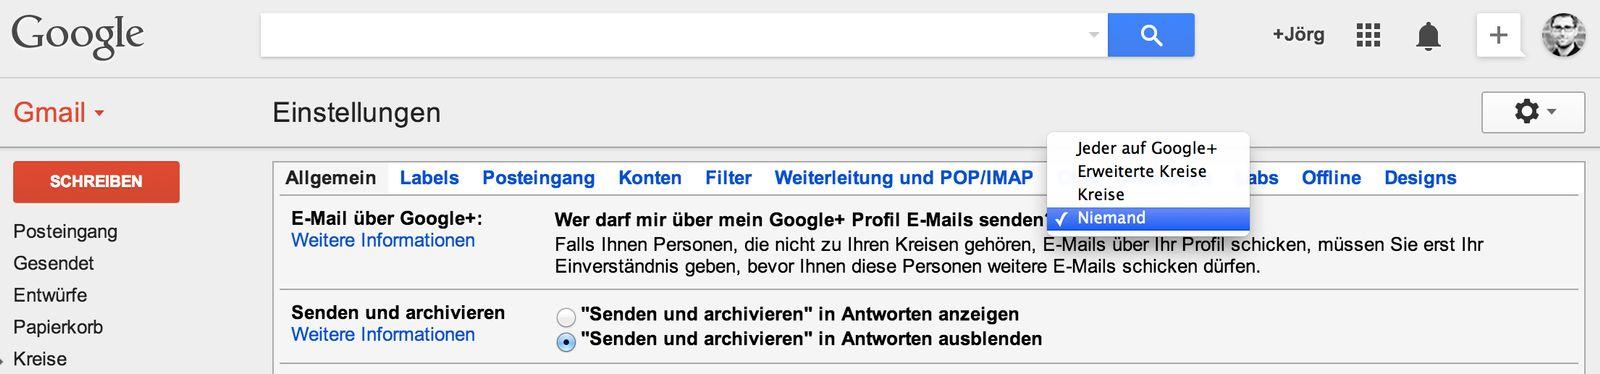 NUR ALS ZITAT Screenshot Netzwelt-Ticker Gmail